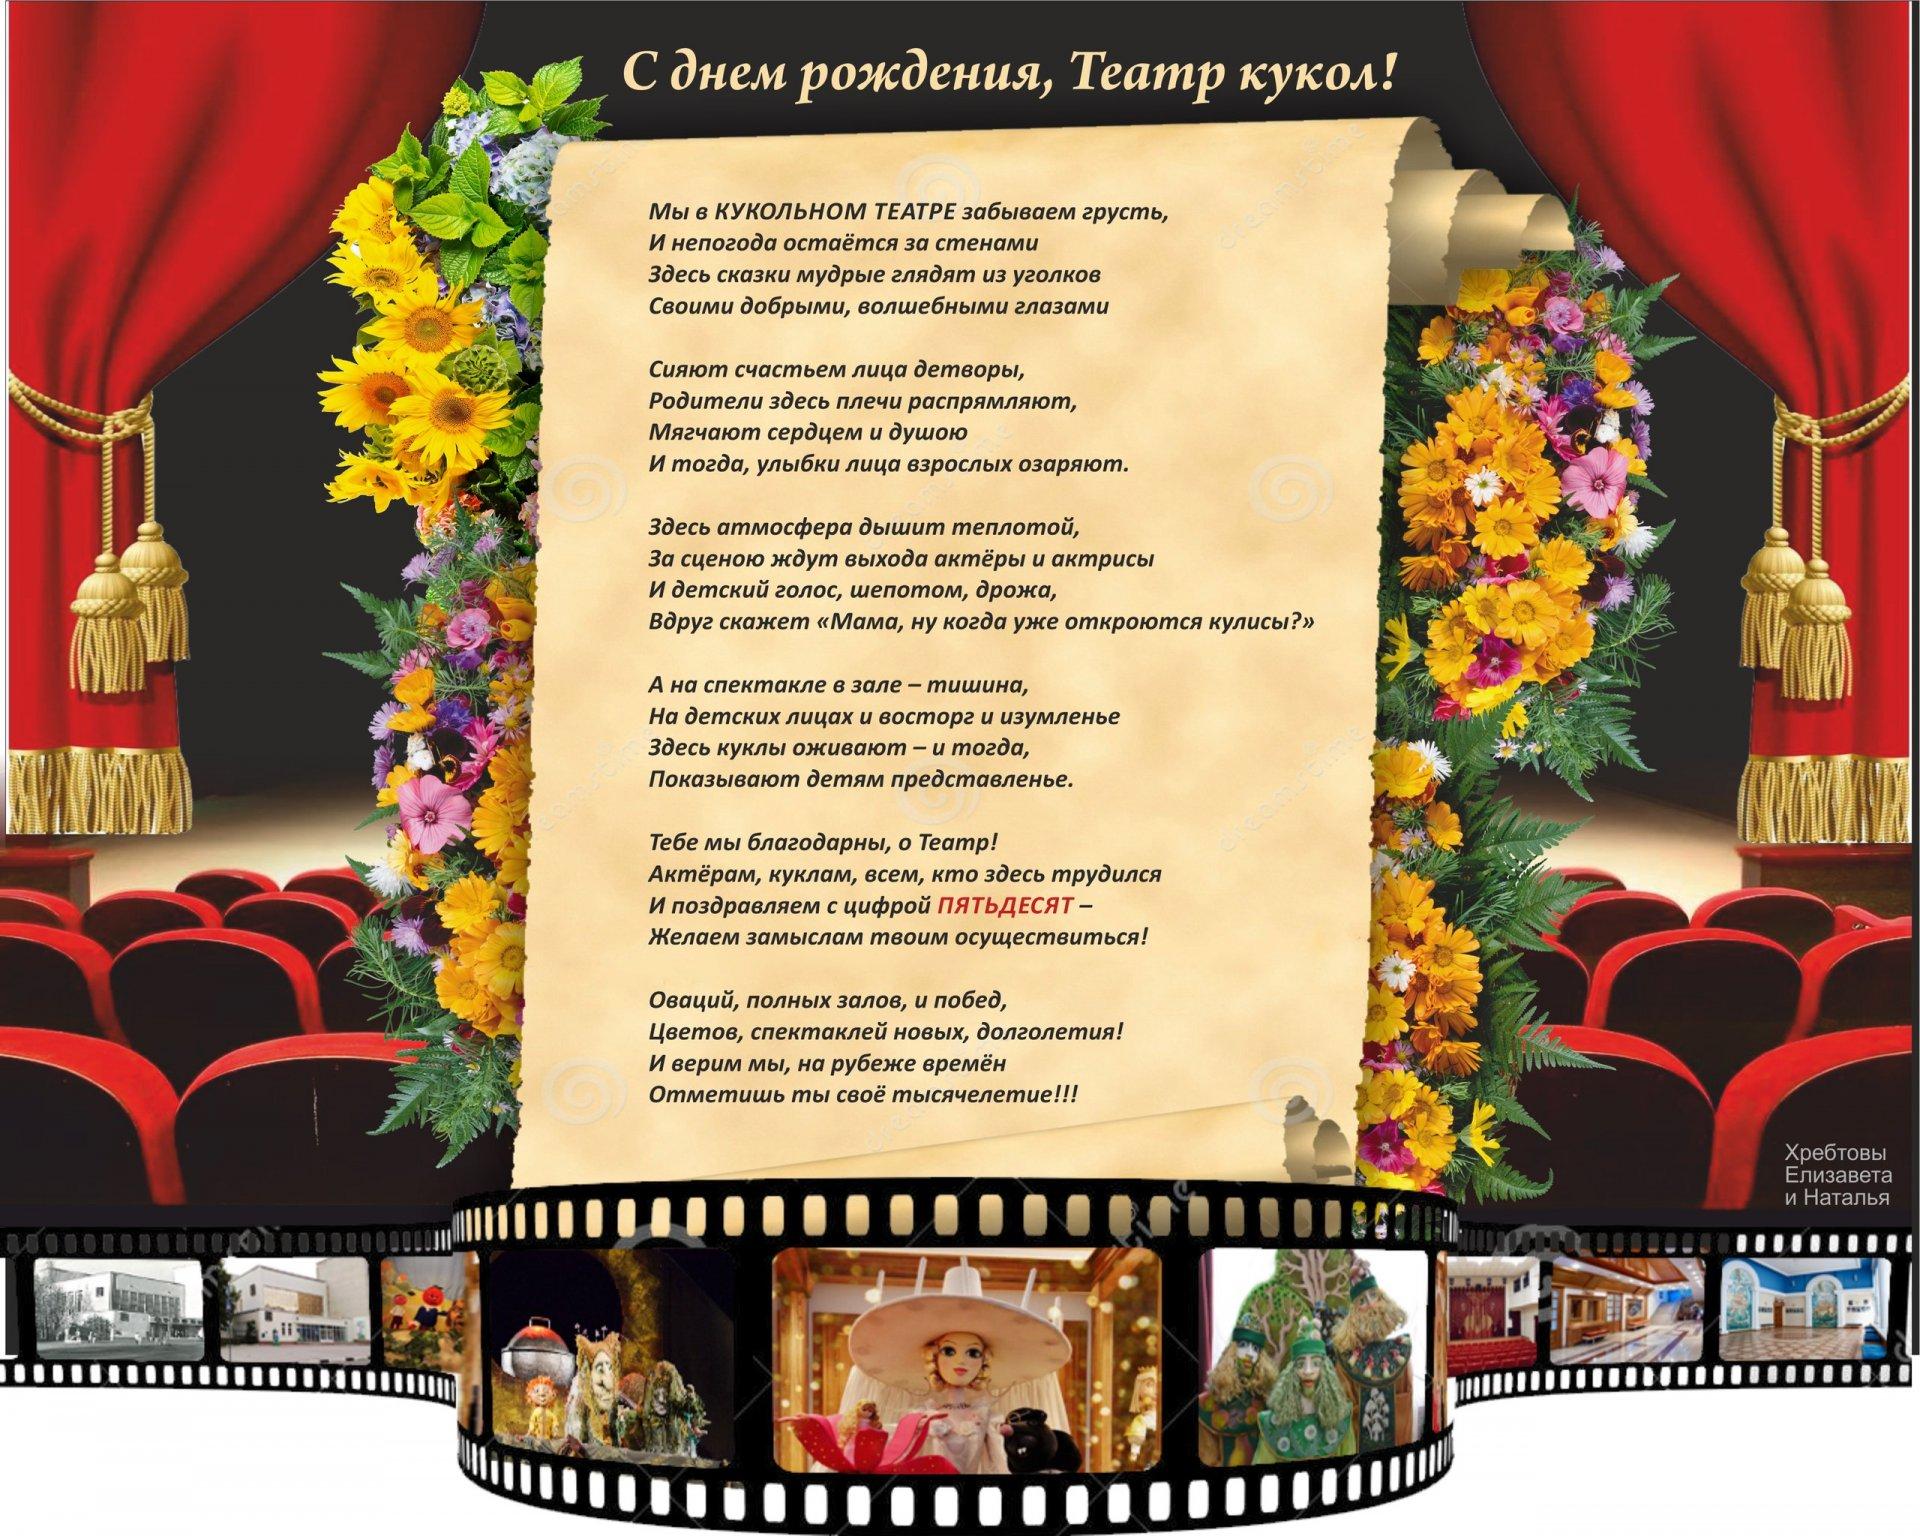 День театра 2019 дата праздника, история, поздравления 90